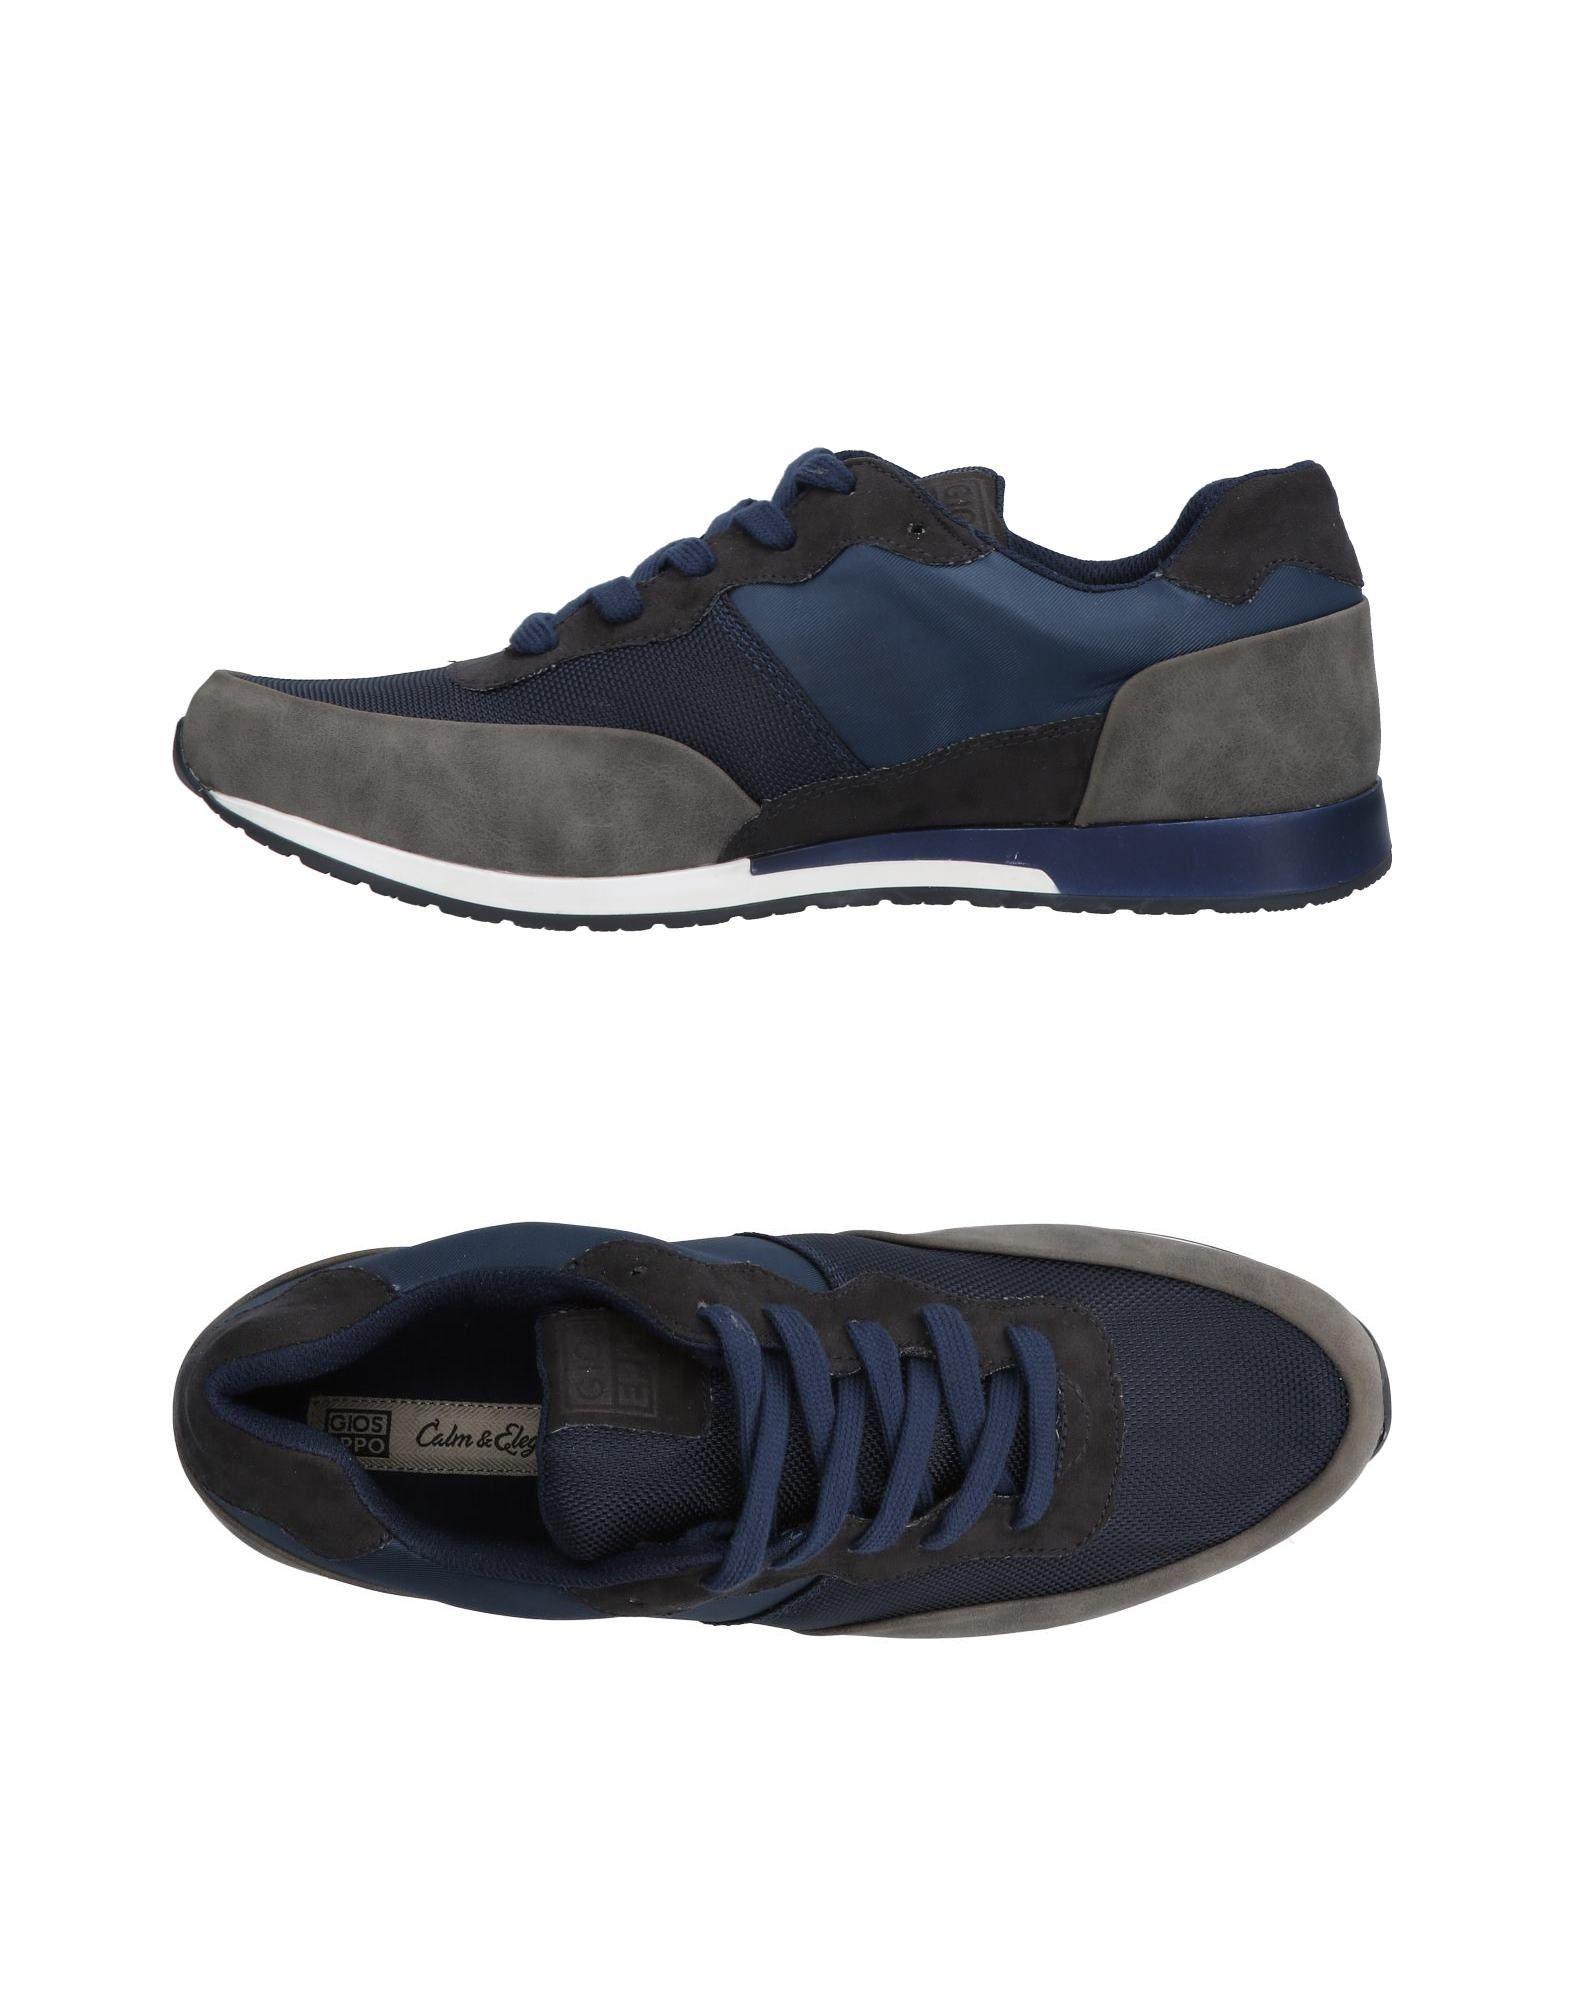 Moda Sneakers Gioseppo Uomo - 11461829CL 11461829CL - 8c90ca